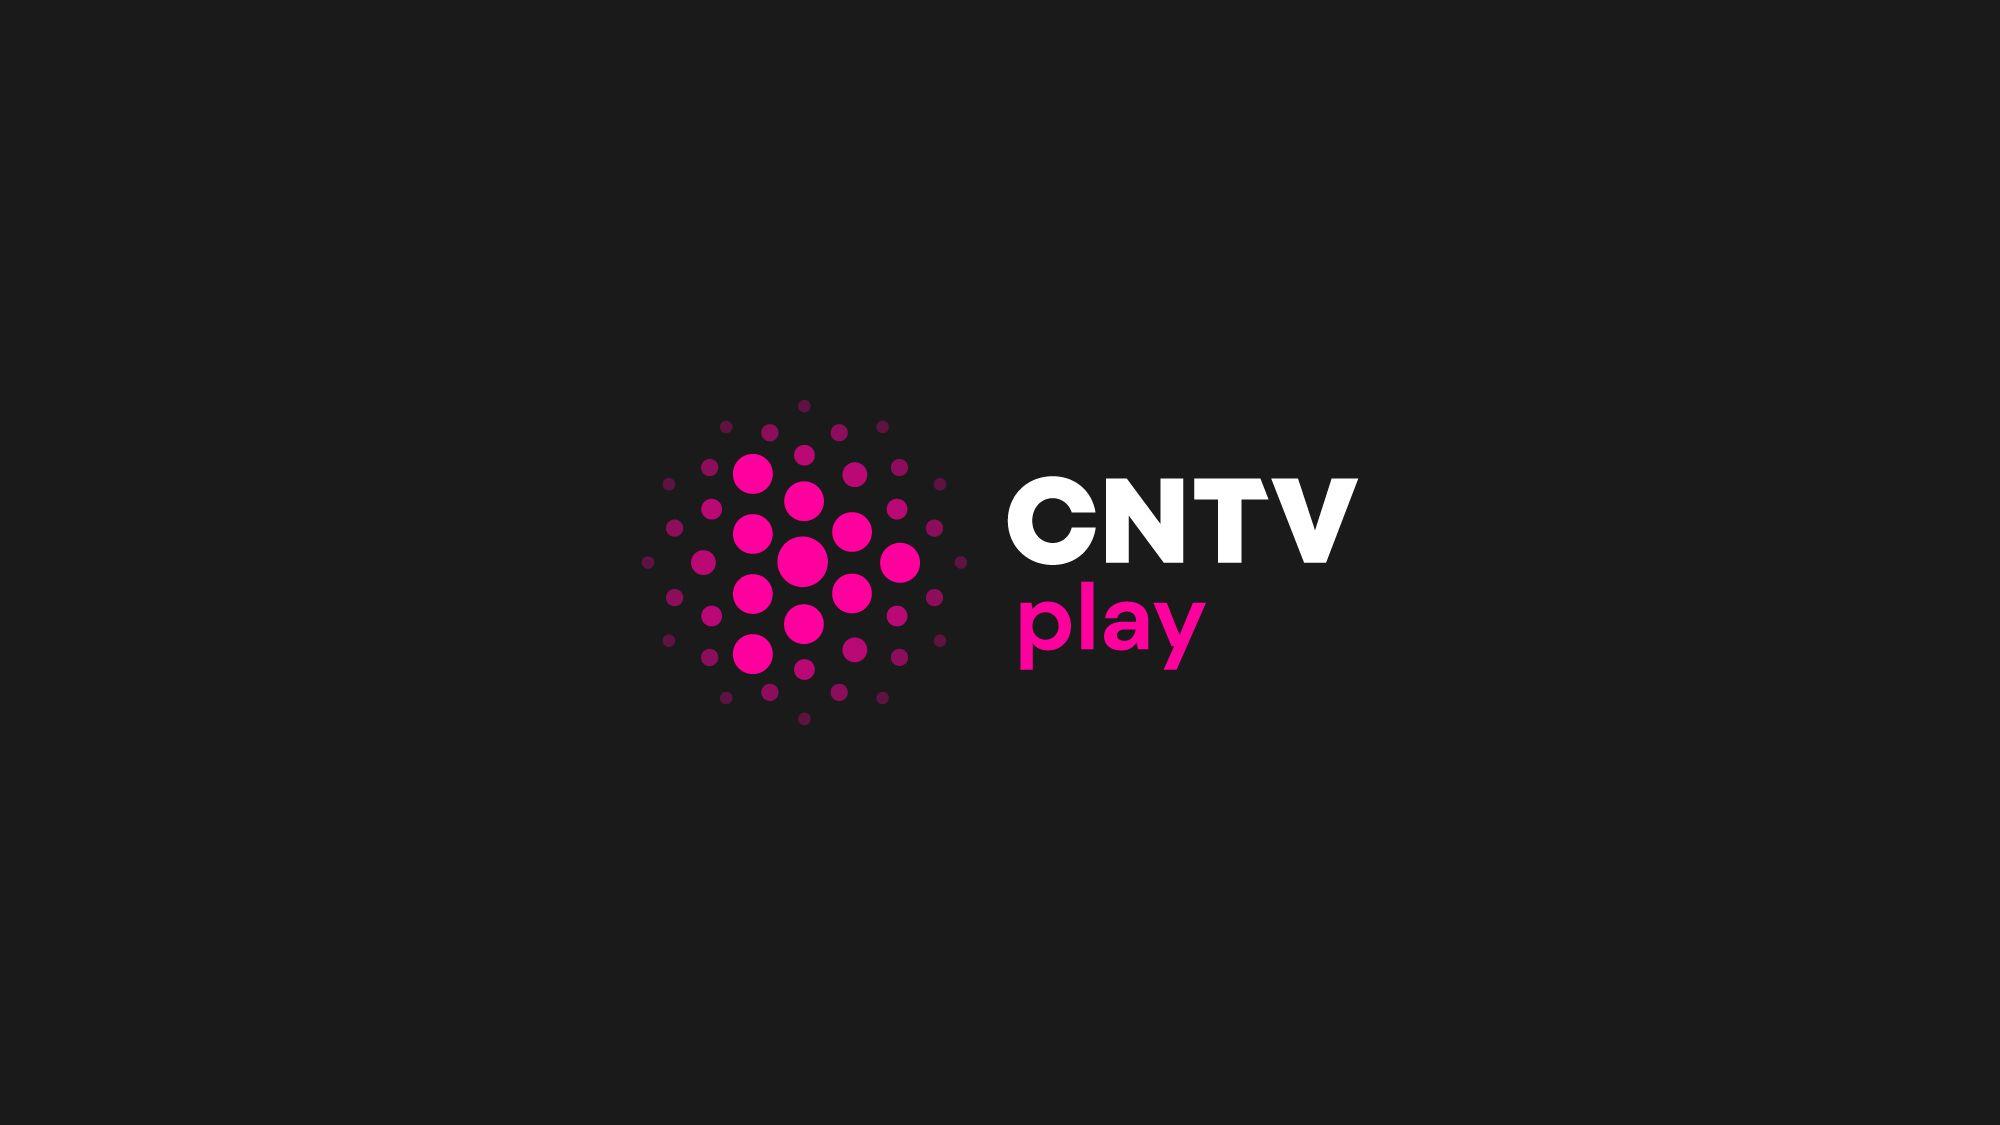 CNTV PLAY: Identidad para plataforma en línea